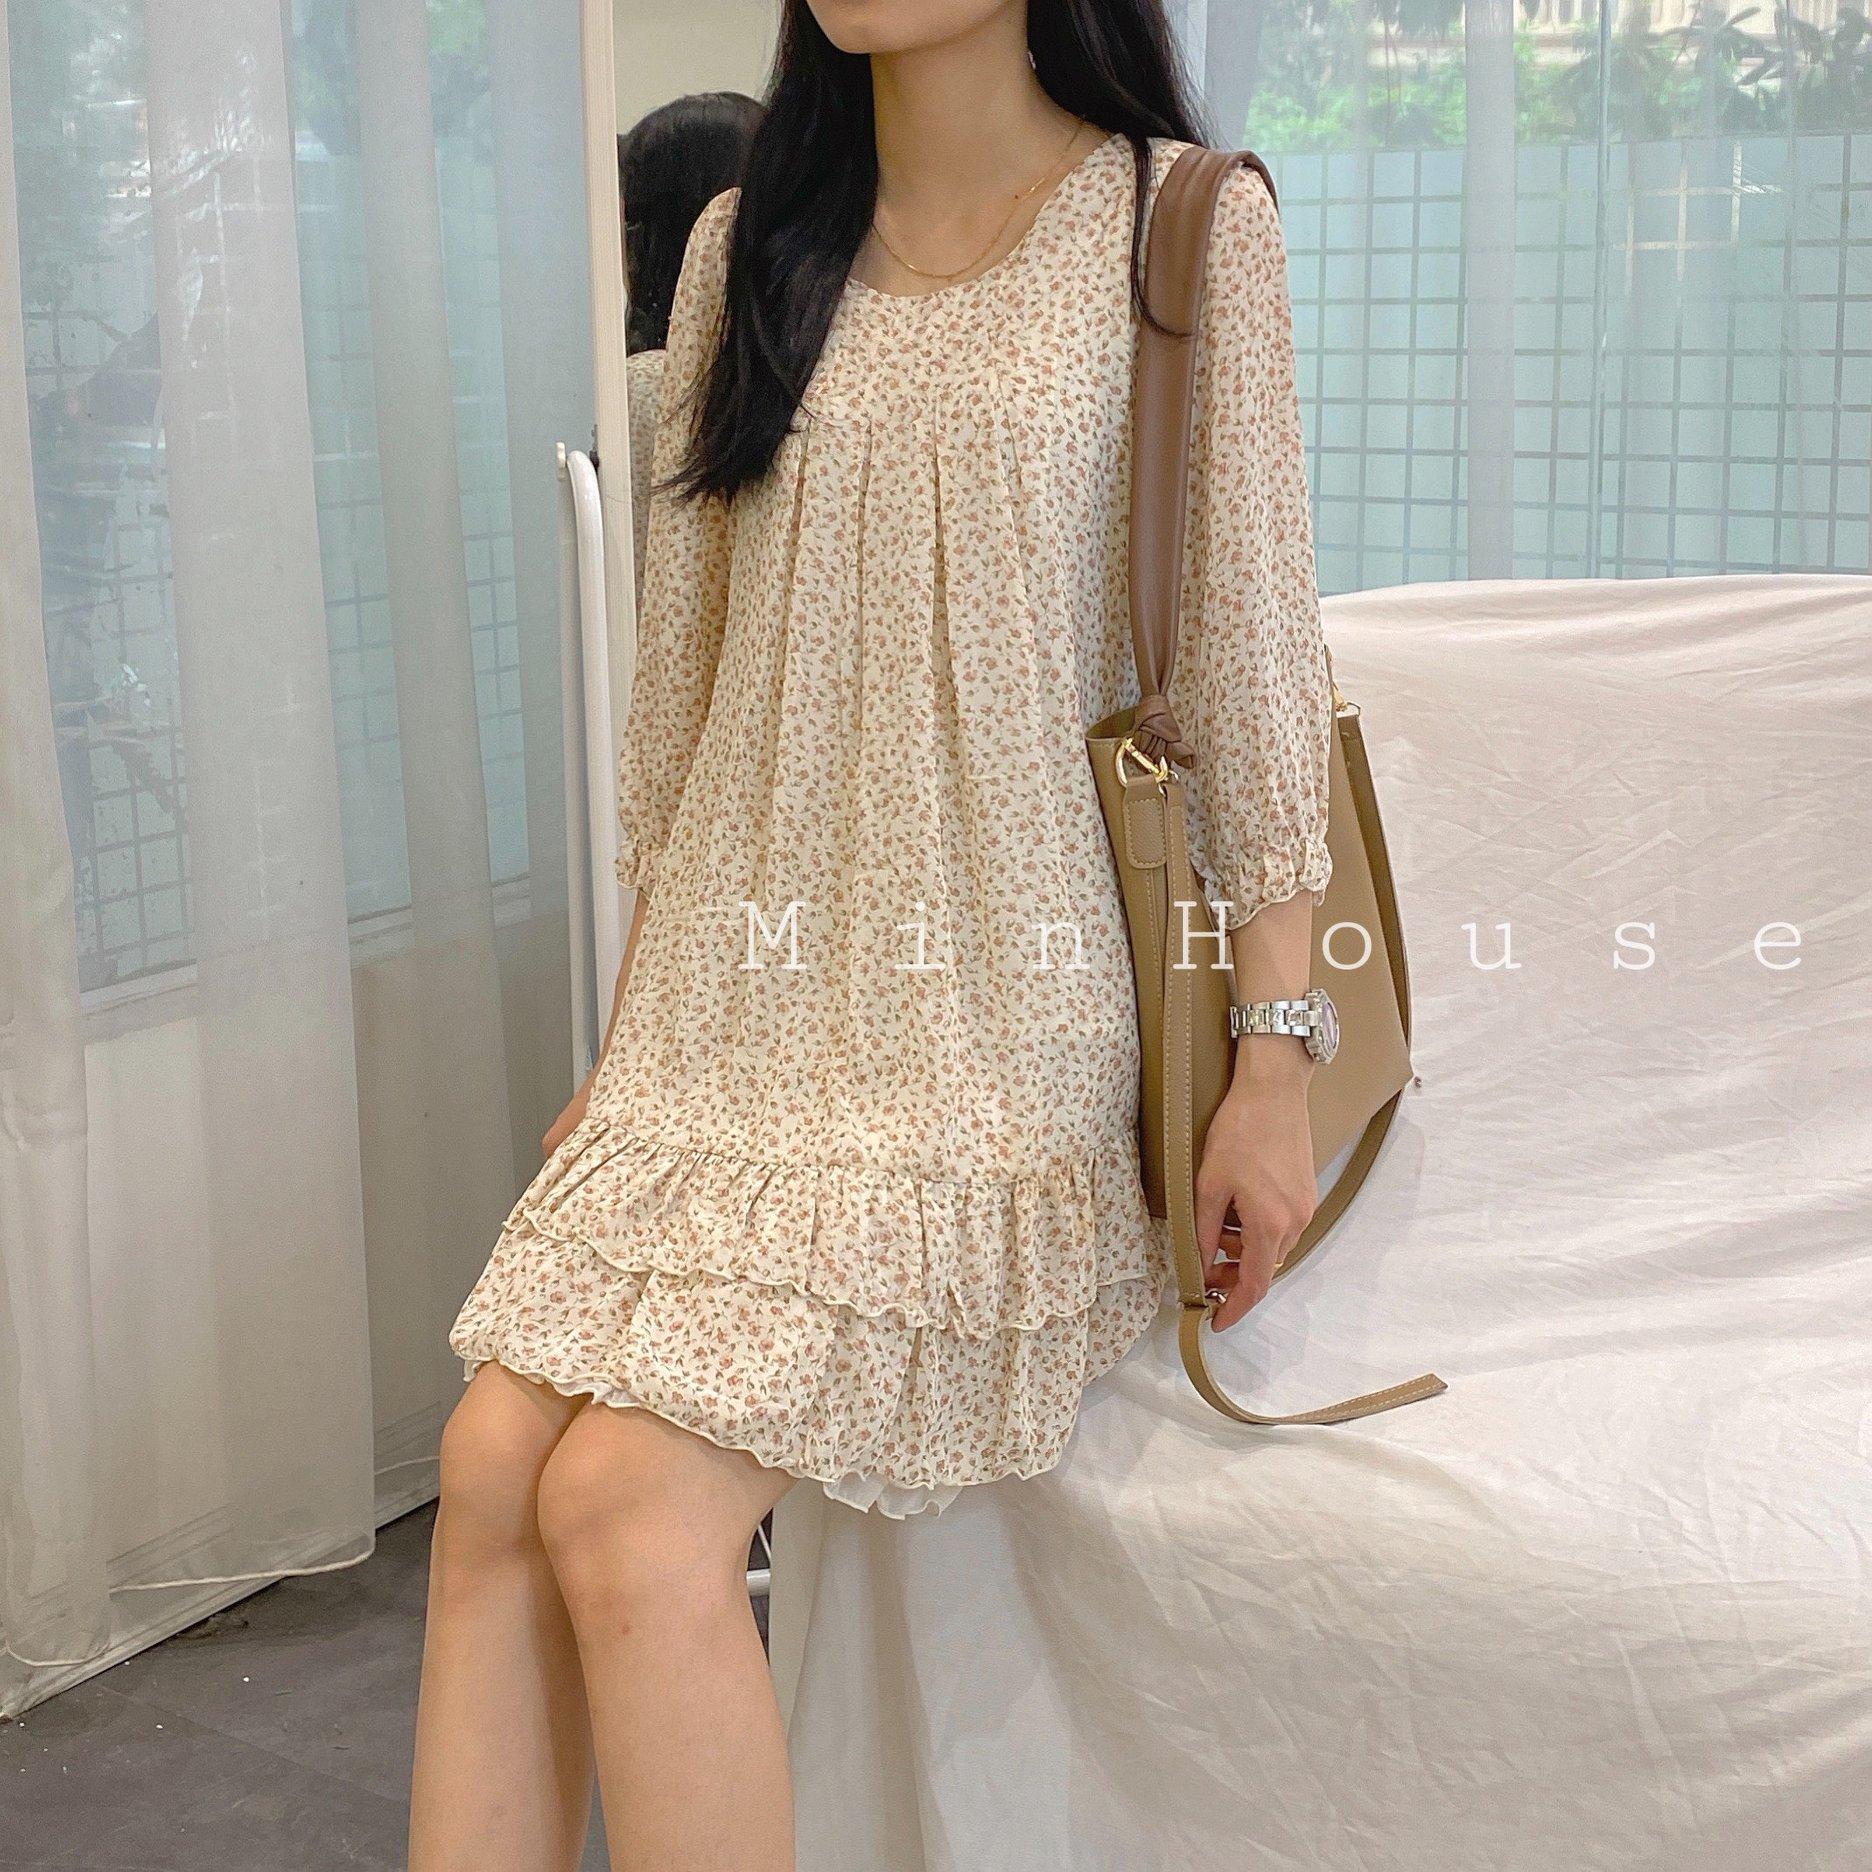 Gợi ý các mẫu váy suông đẹp nhất cho các cô nàng nữ tính